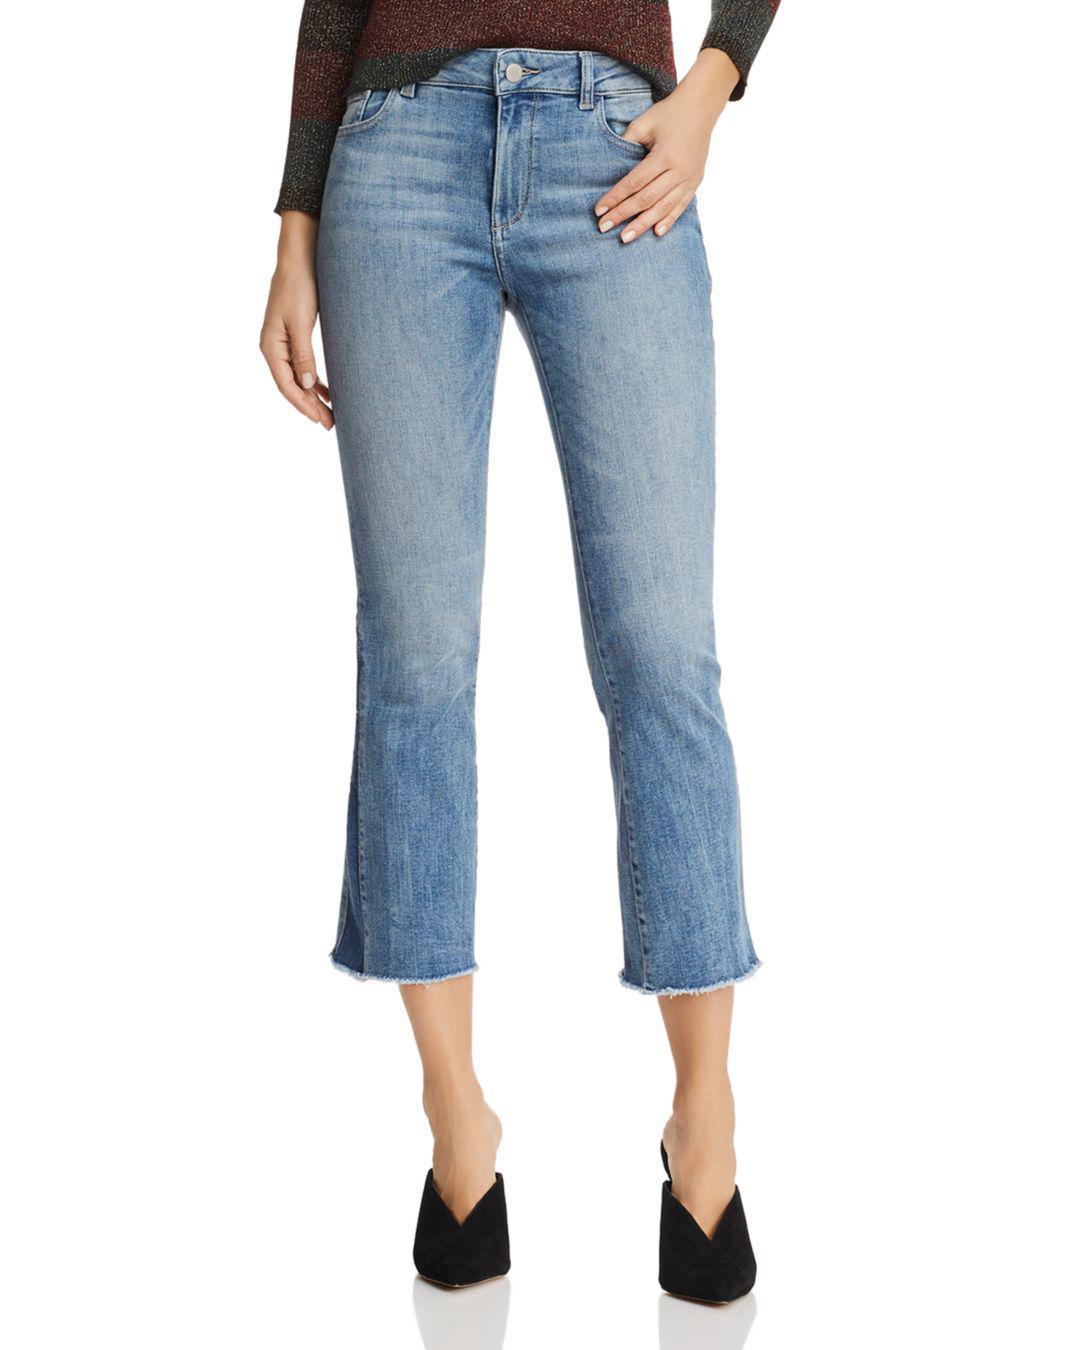 b8b22206 Lyst - DL1961 Instasculpt Bridget Crop Flare Jeans In Milton in Blue